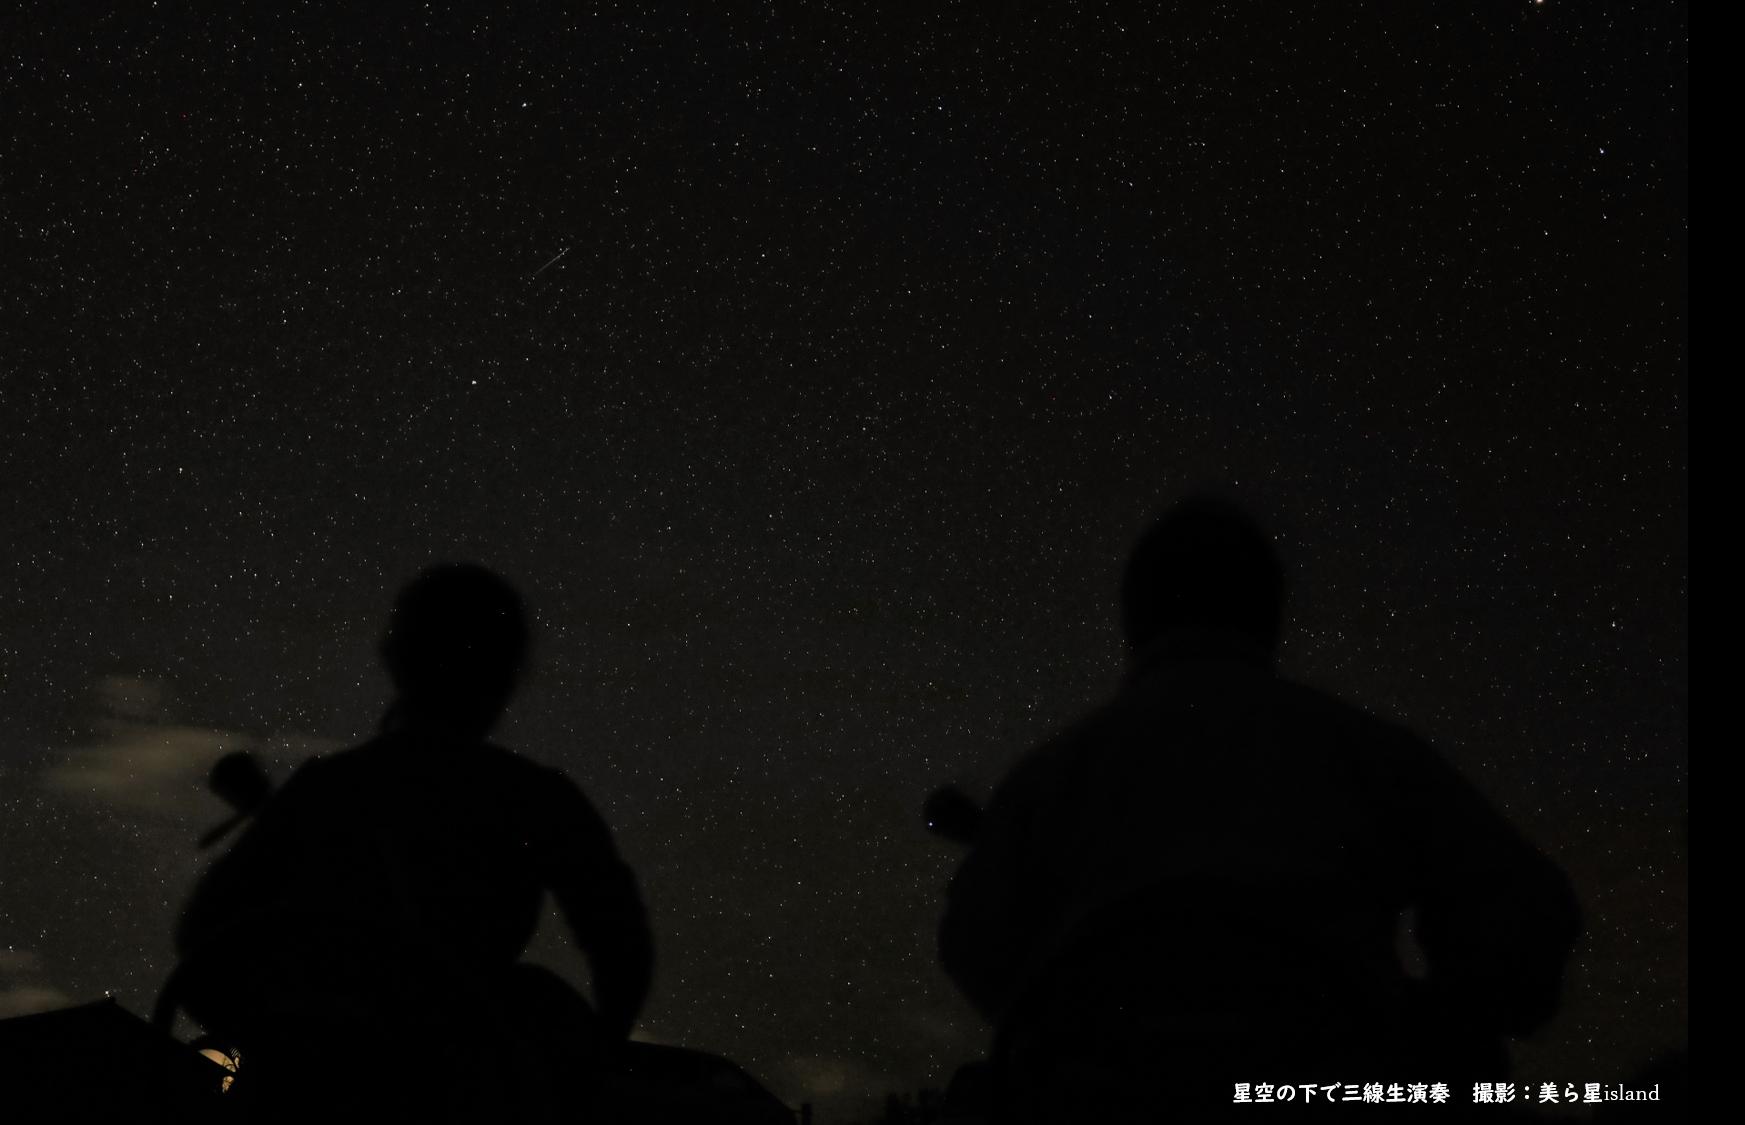 石垣島の星空 三線生演奏